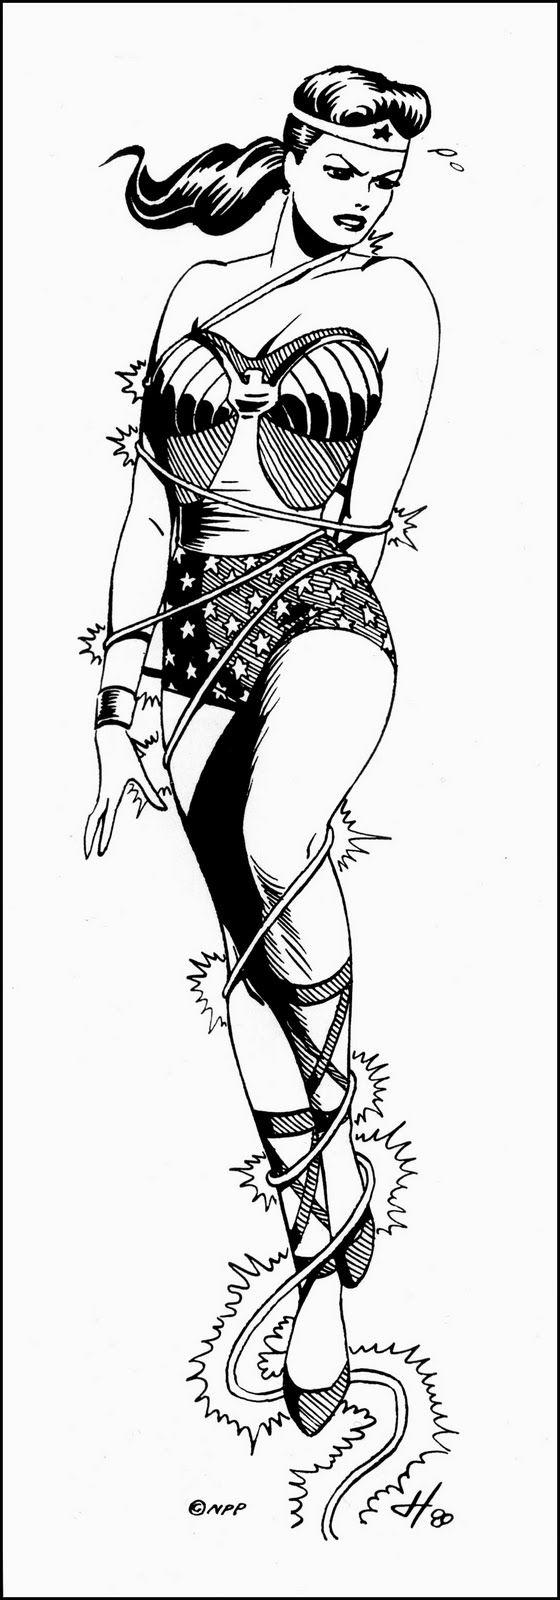 [Image: jaime-hernandez-wonder-woman-tied.jpg?q=...38&dpr=1.5]